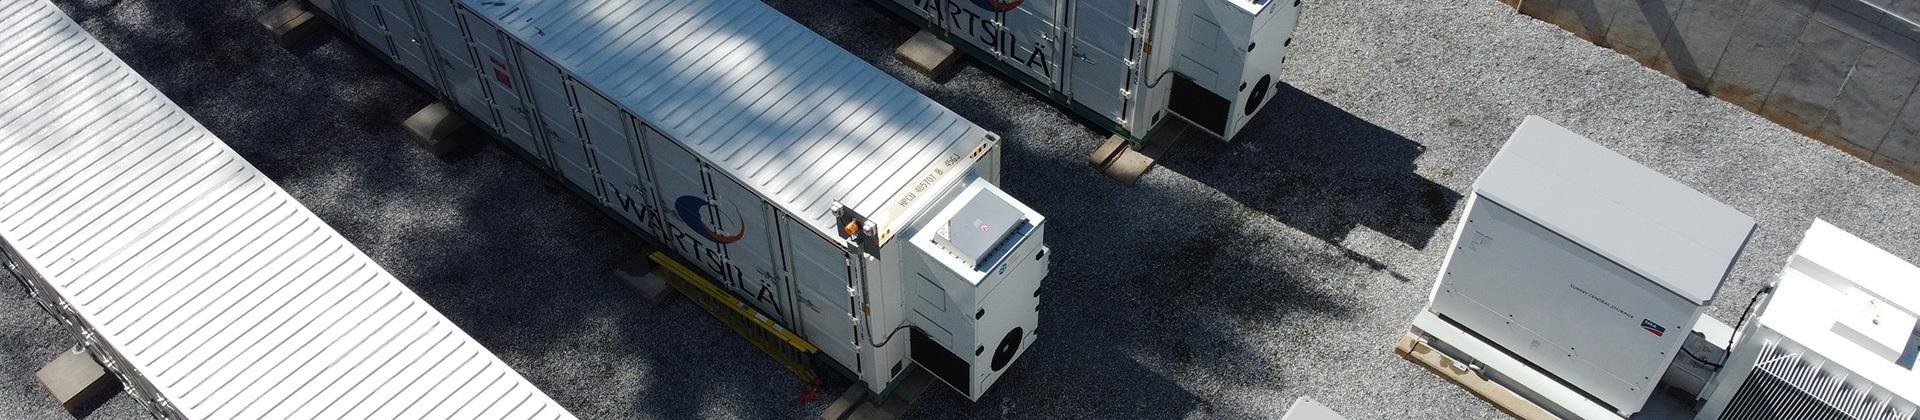 Energy Storage and Optimisation